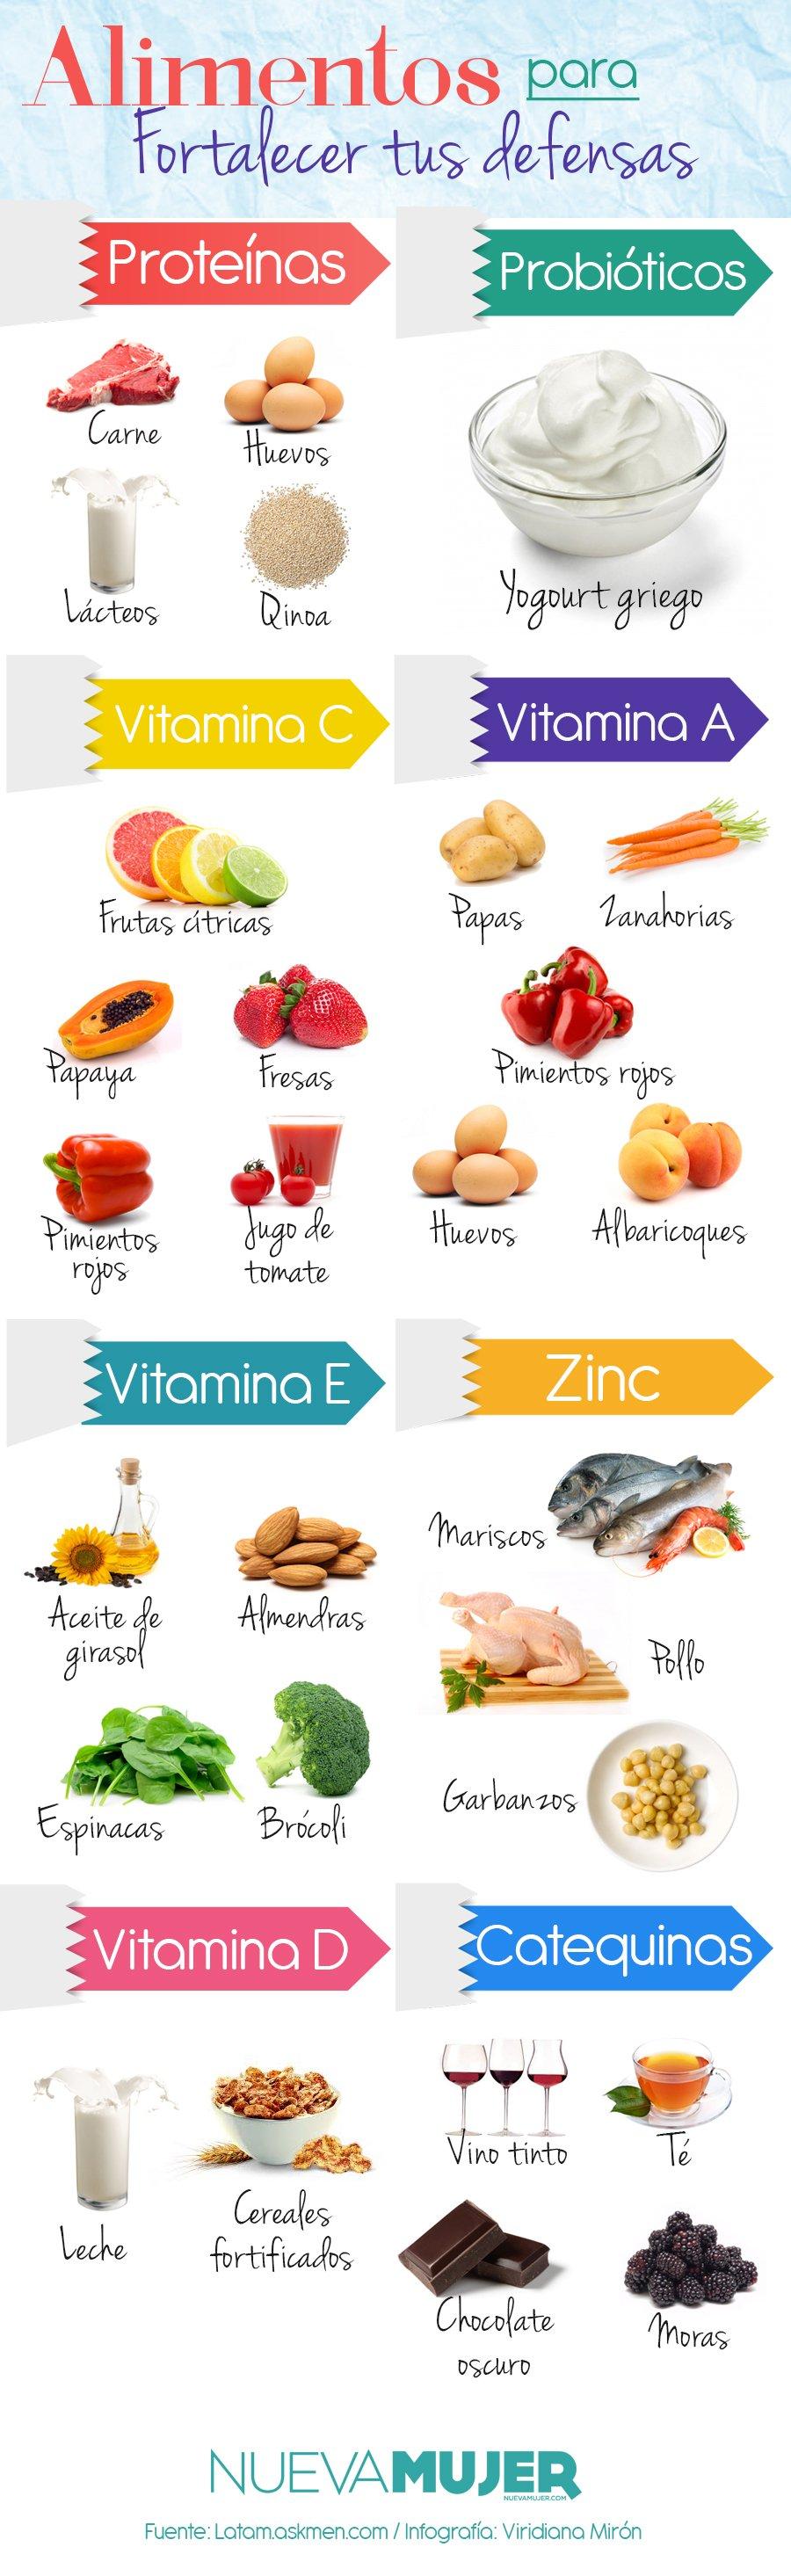 Qu alimentos sirven para fortalecer las defensas y el sistema inmunol gico nueva mujer - Alimentos sistema inmunologico ...